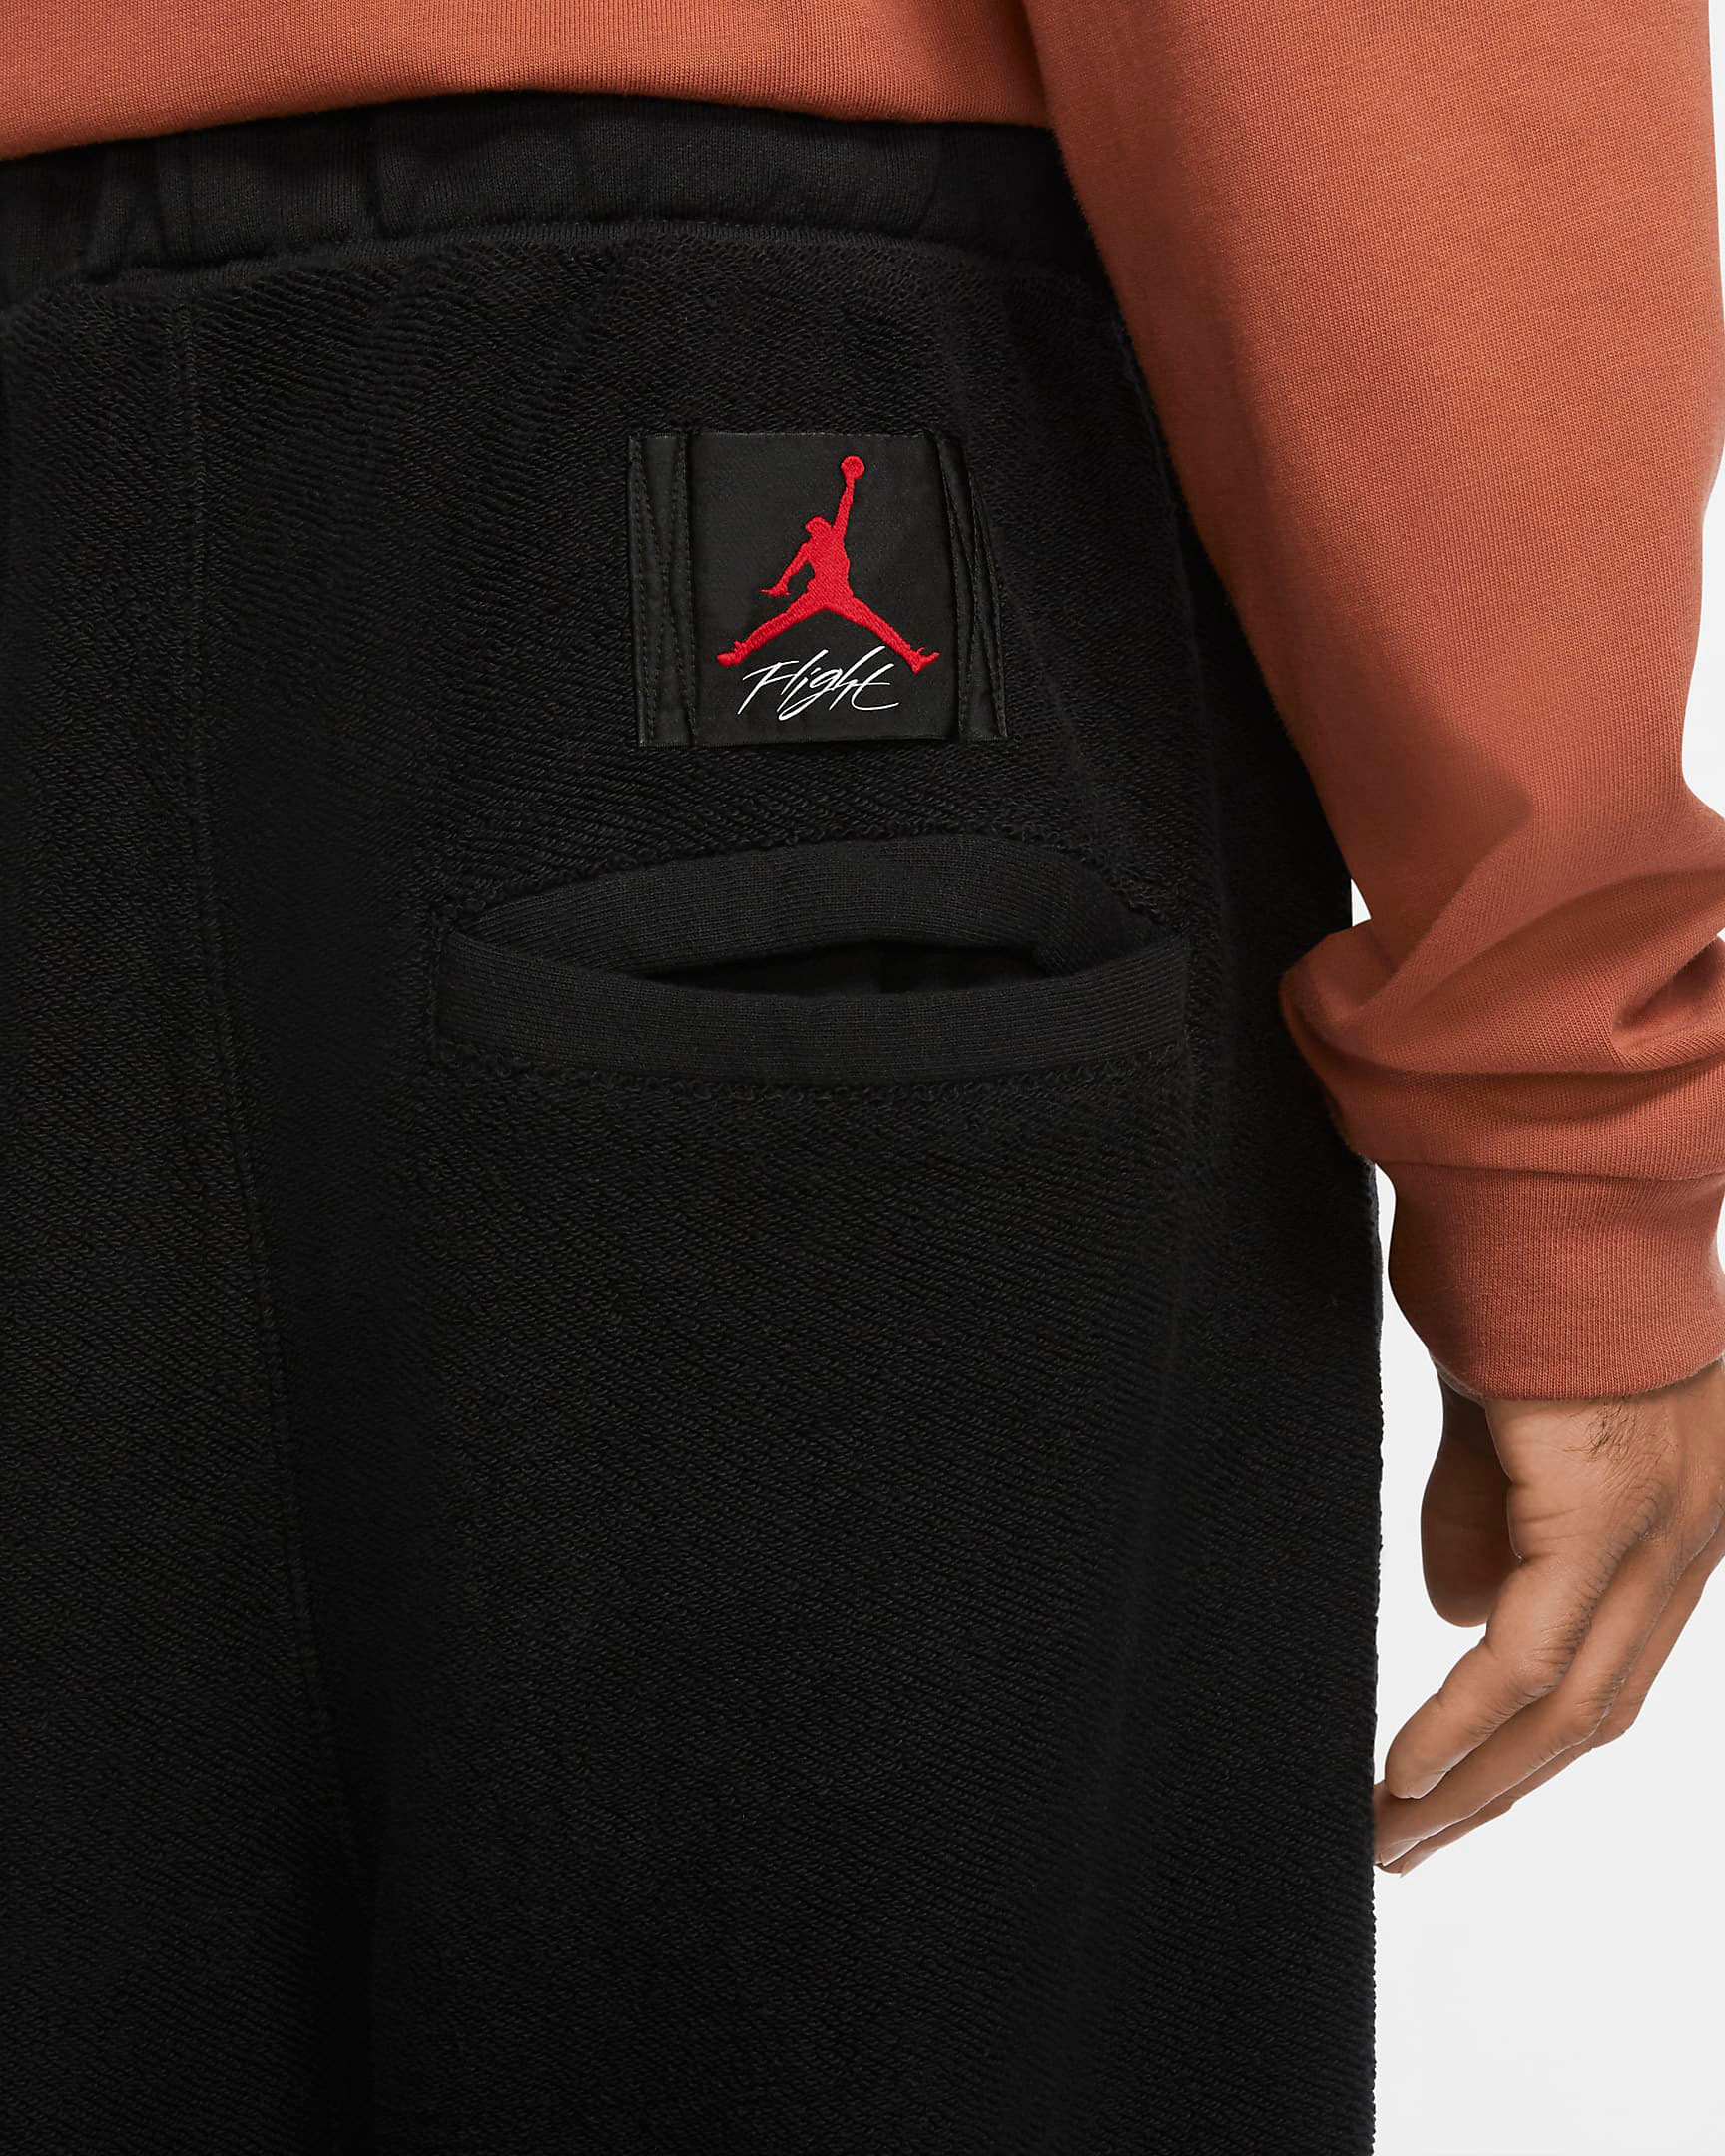 jordan-flight-pants-black-red-fall-2020-3